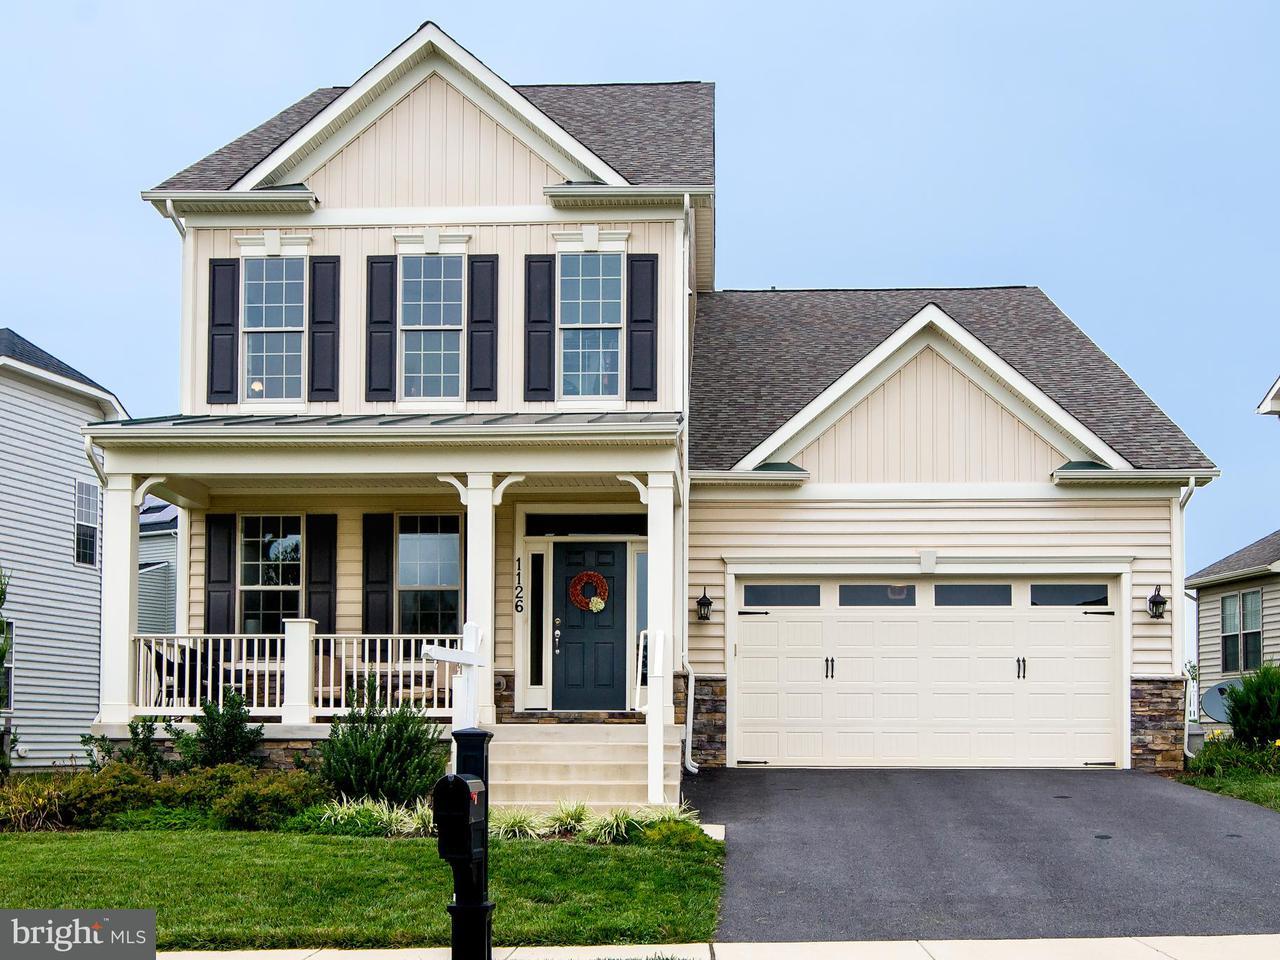 Частный односемейный дом для того Продажа на 1126 DARGON QUARRY Lane 1126 DARGON QUARRY Lane Brunswick, Мэриленд 21716 Соединенные Штаты